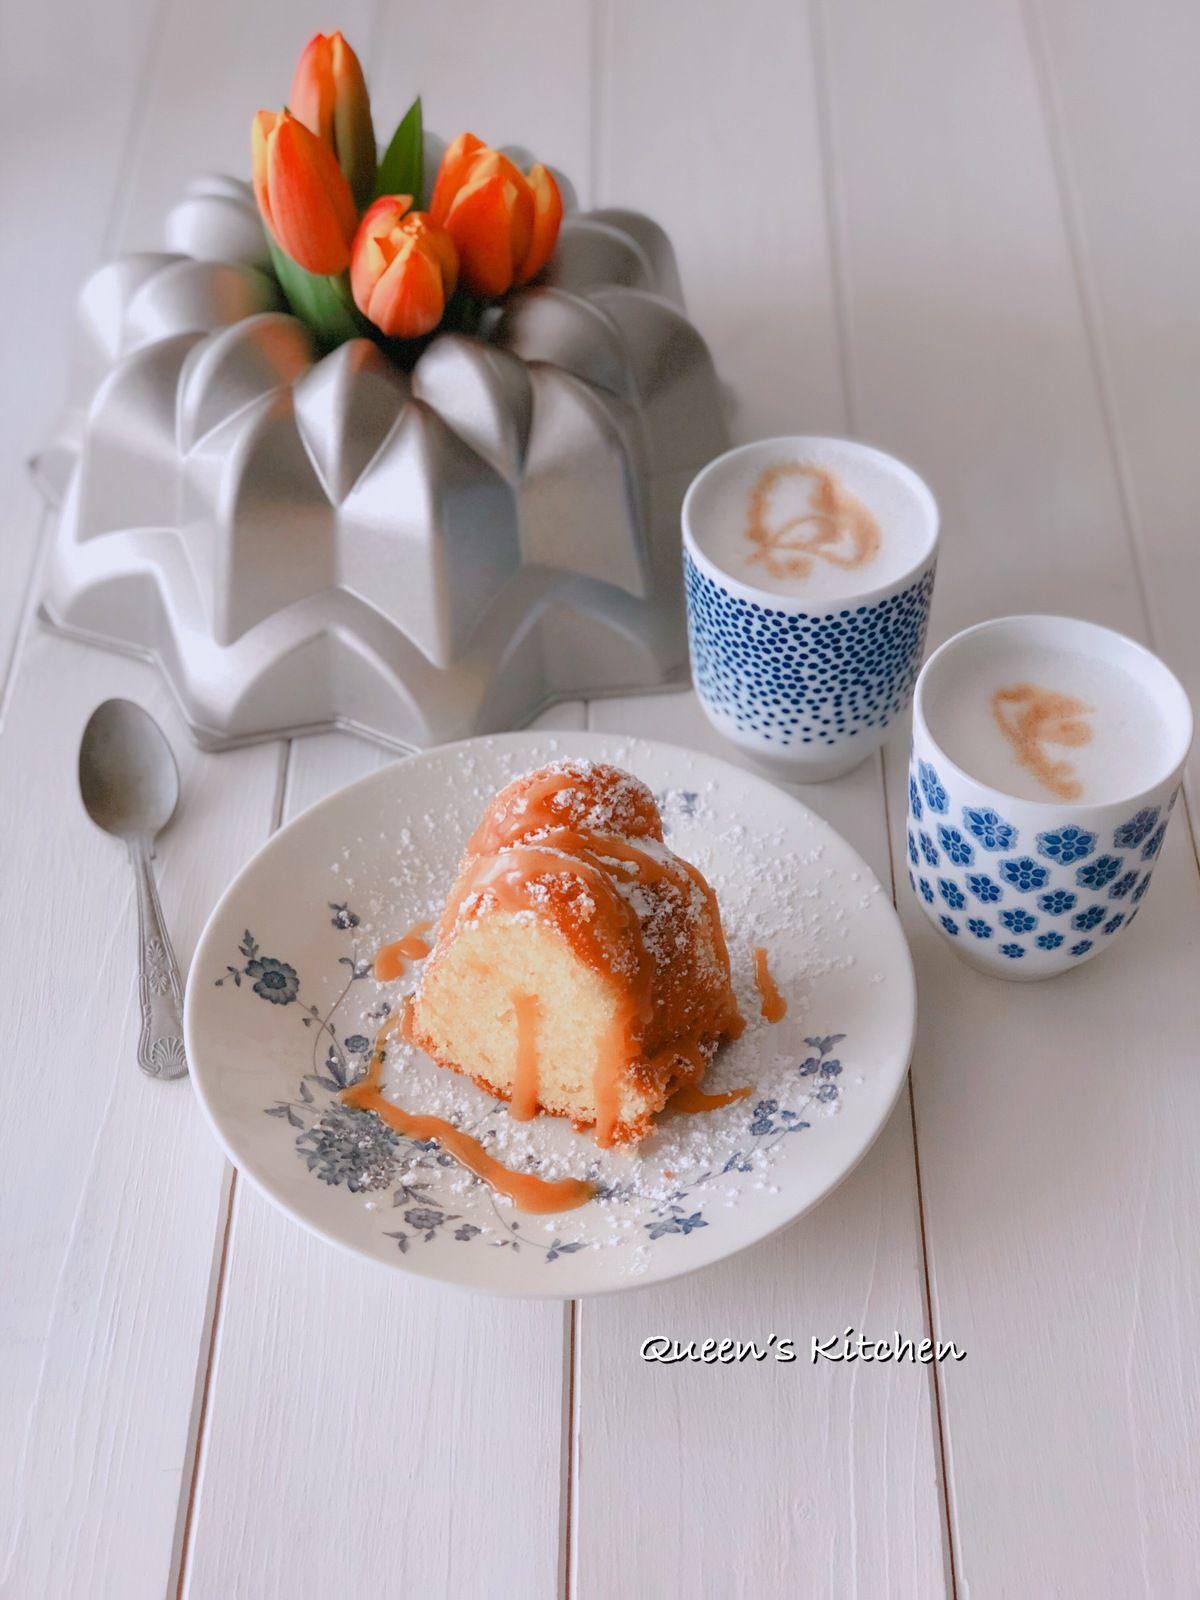 Una fetta di torta e cappuccino: conoscete un modo migliore per iniziare la giornata?